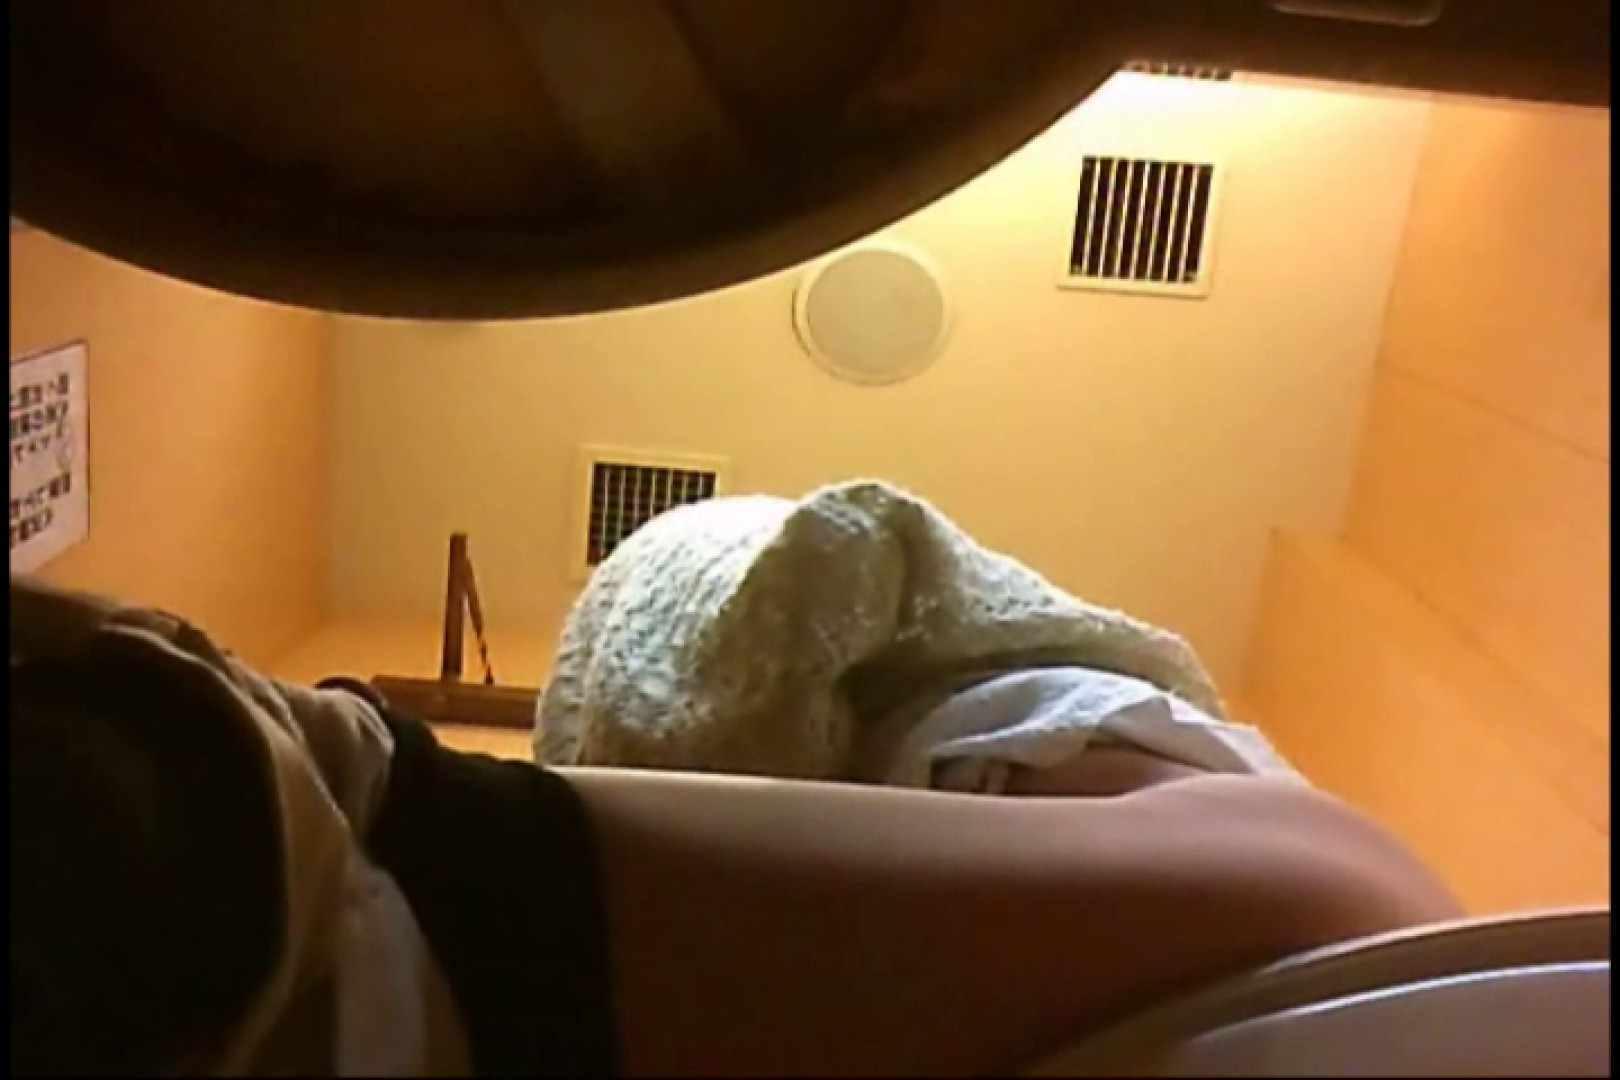 マダムが集まるデパートお手洗い Vol.43 お手洗いのぞき ワレメ無修正動画無料 107画像 62